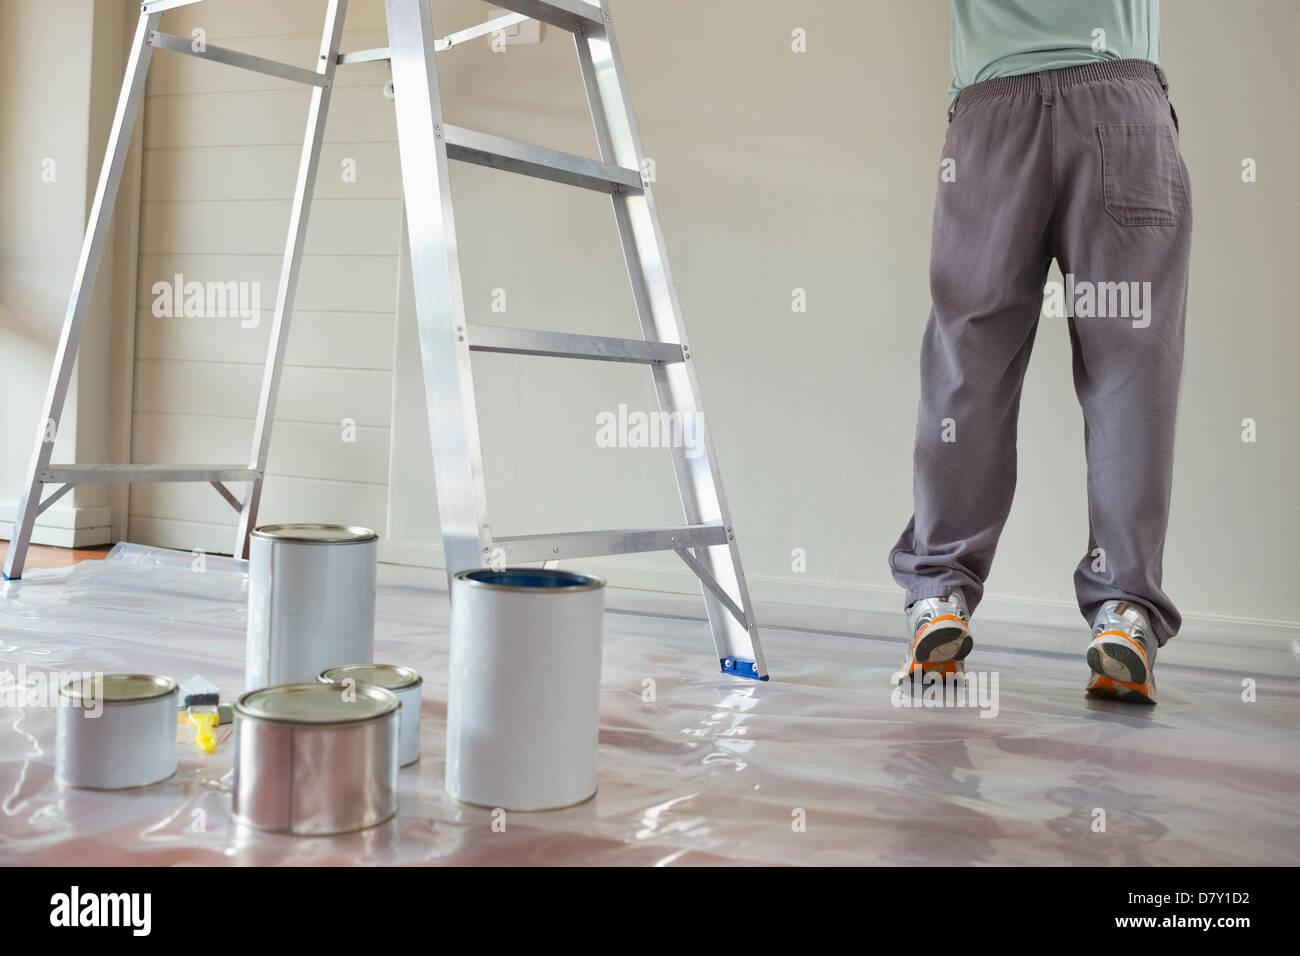 L'homme dans la salle de peinture Photo Stock